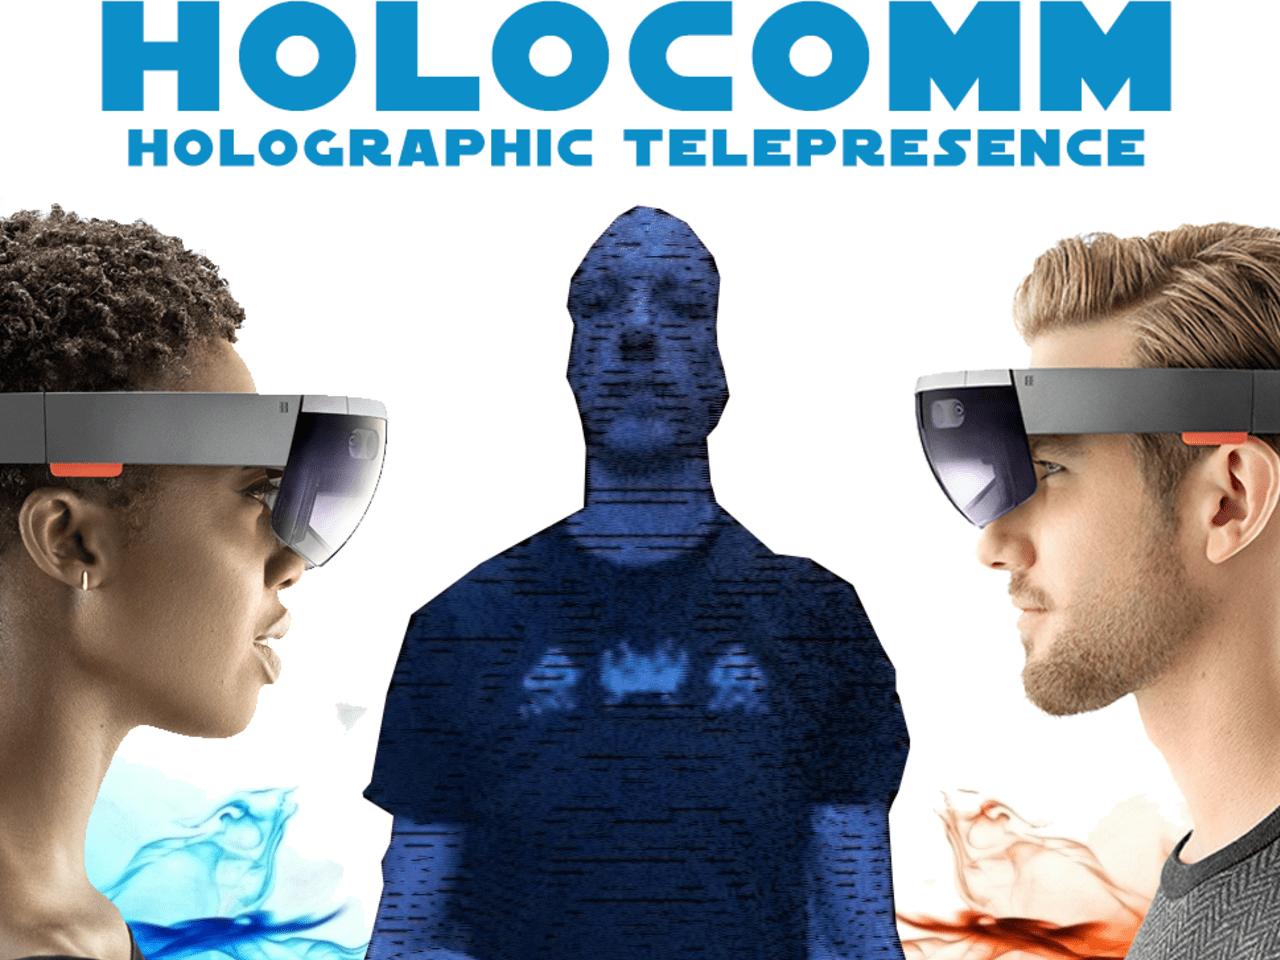 HoloComm holographic telepresence